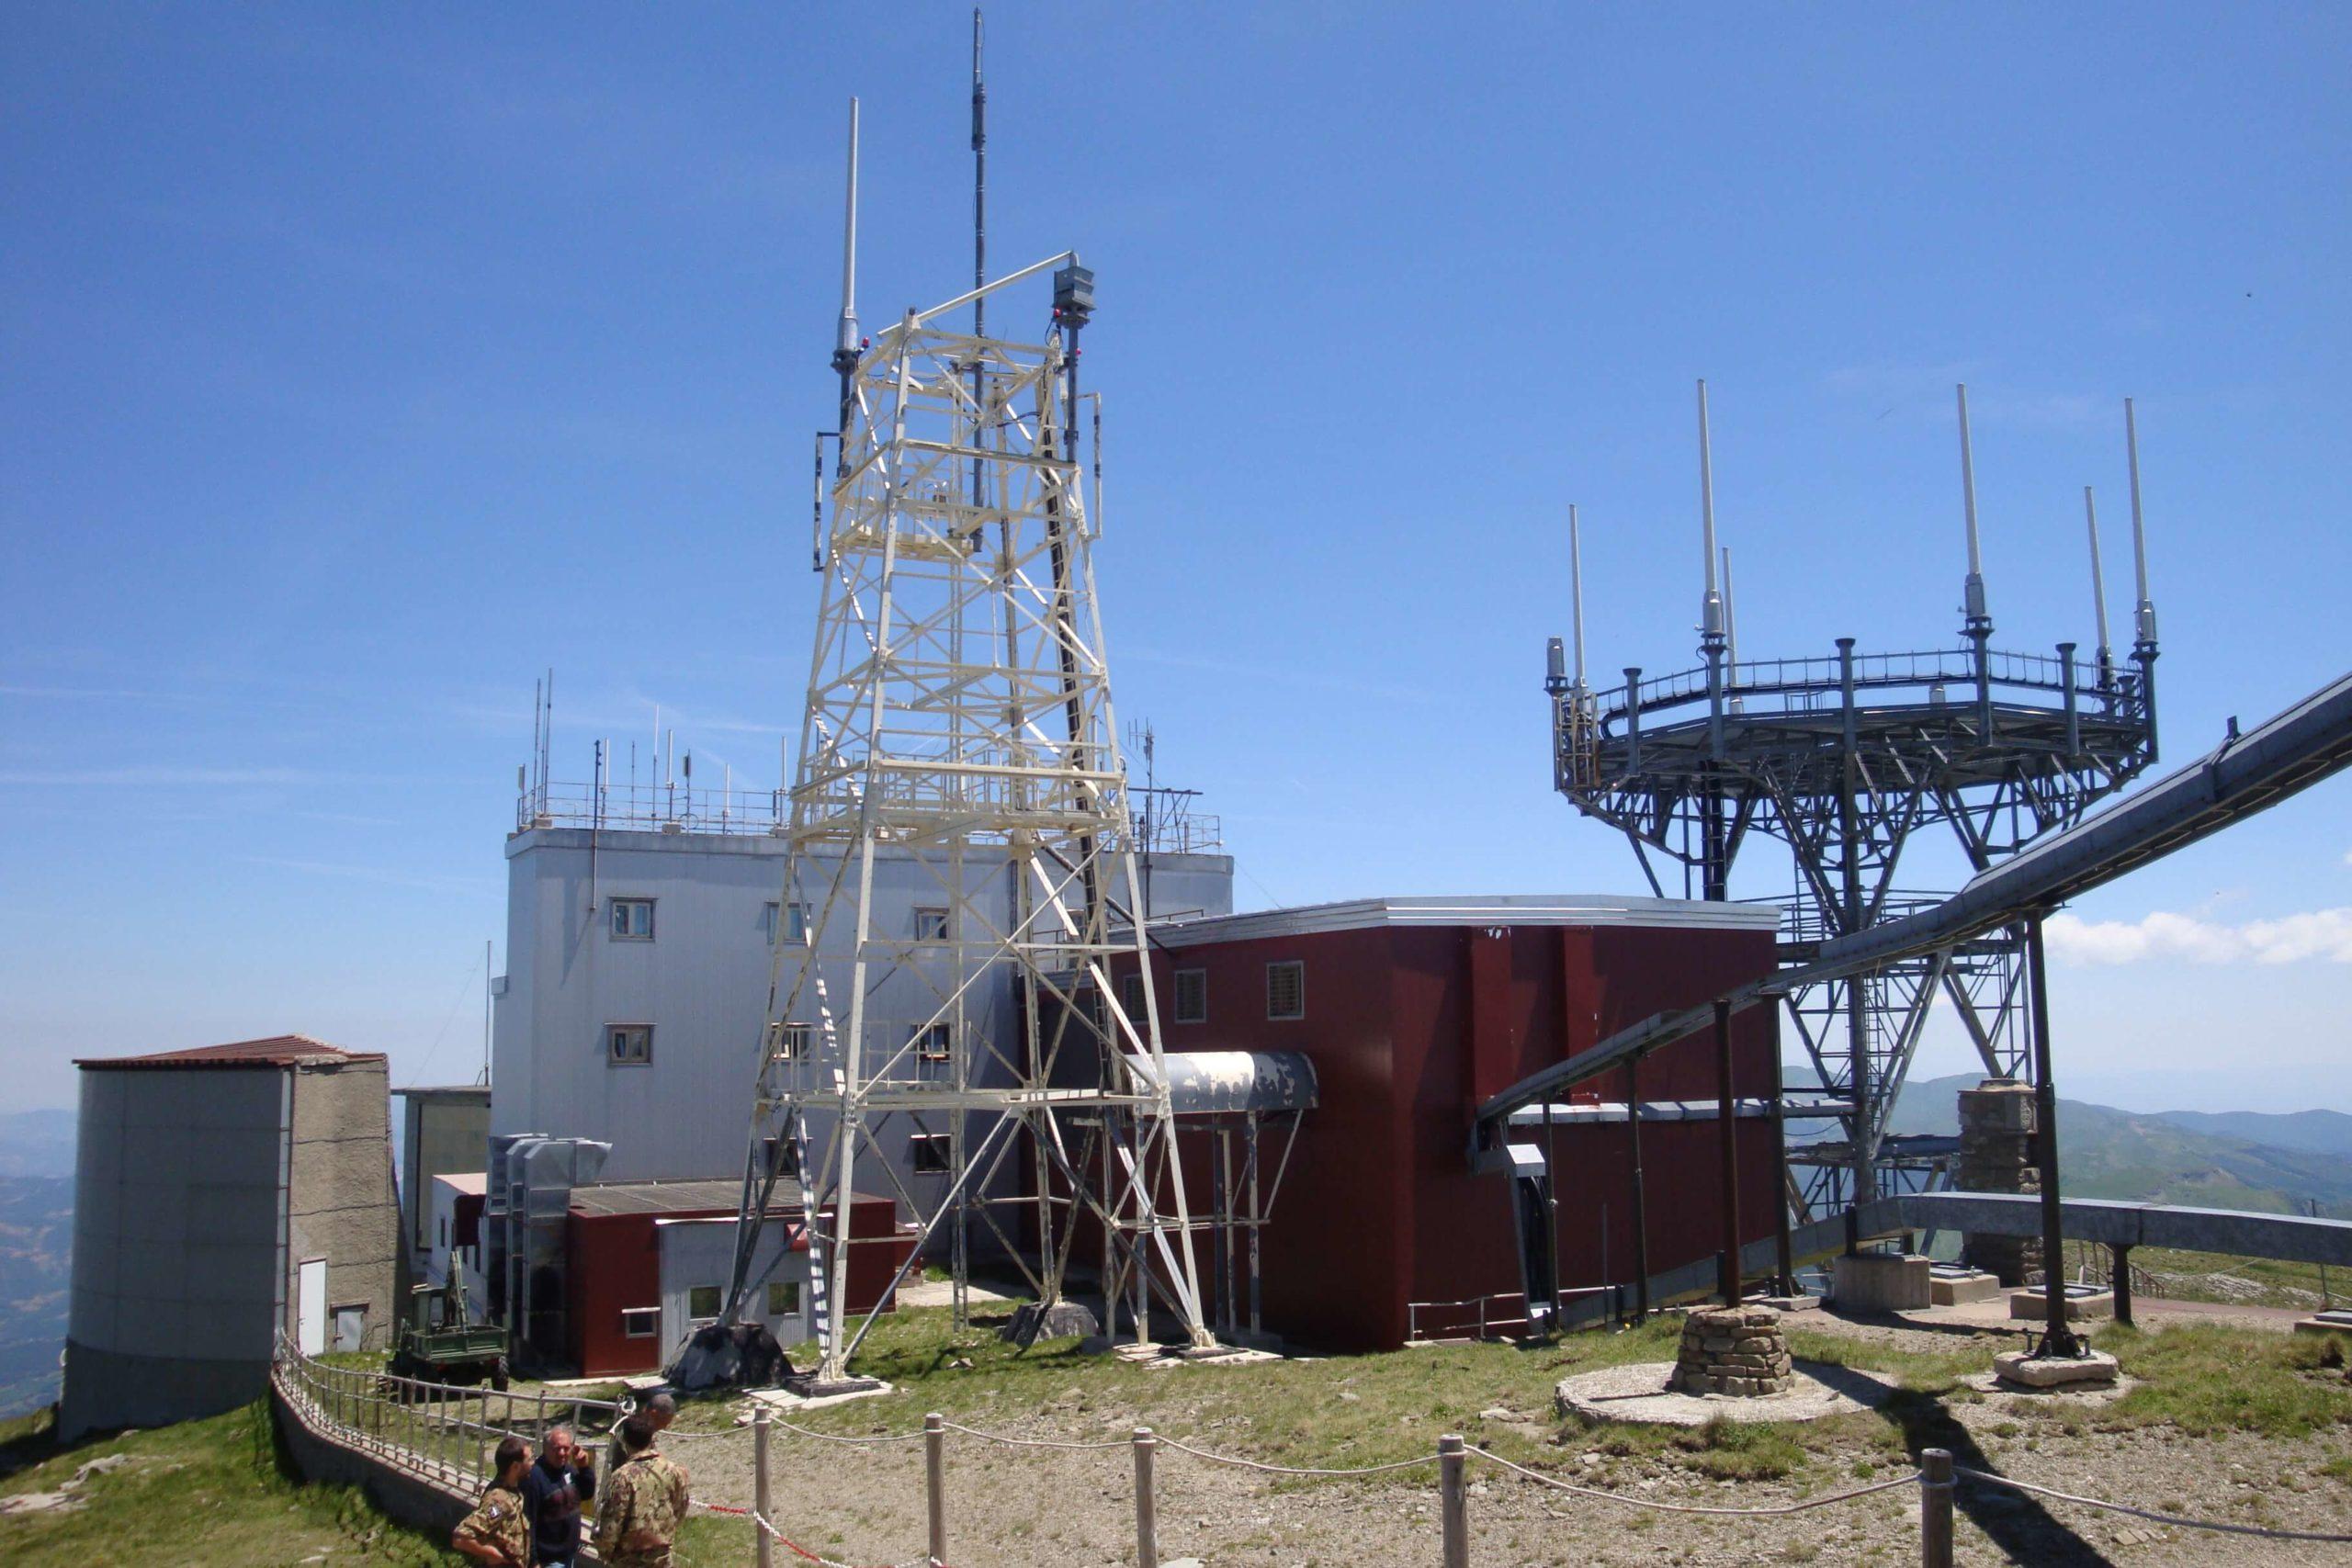 Progetto per la remotizzazione di 9 stazioni di comunicazione dell'Aereonautica Militare